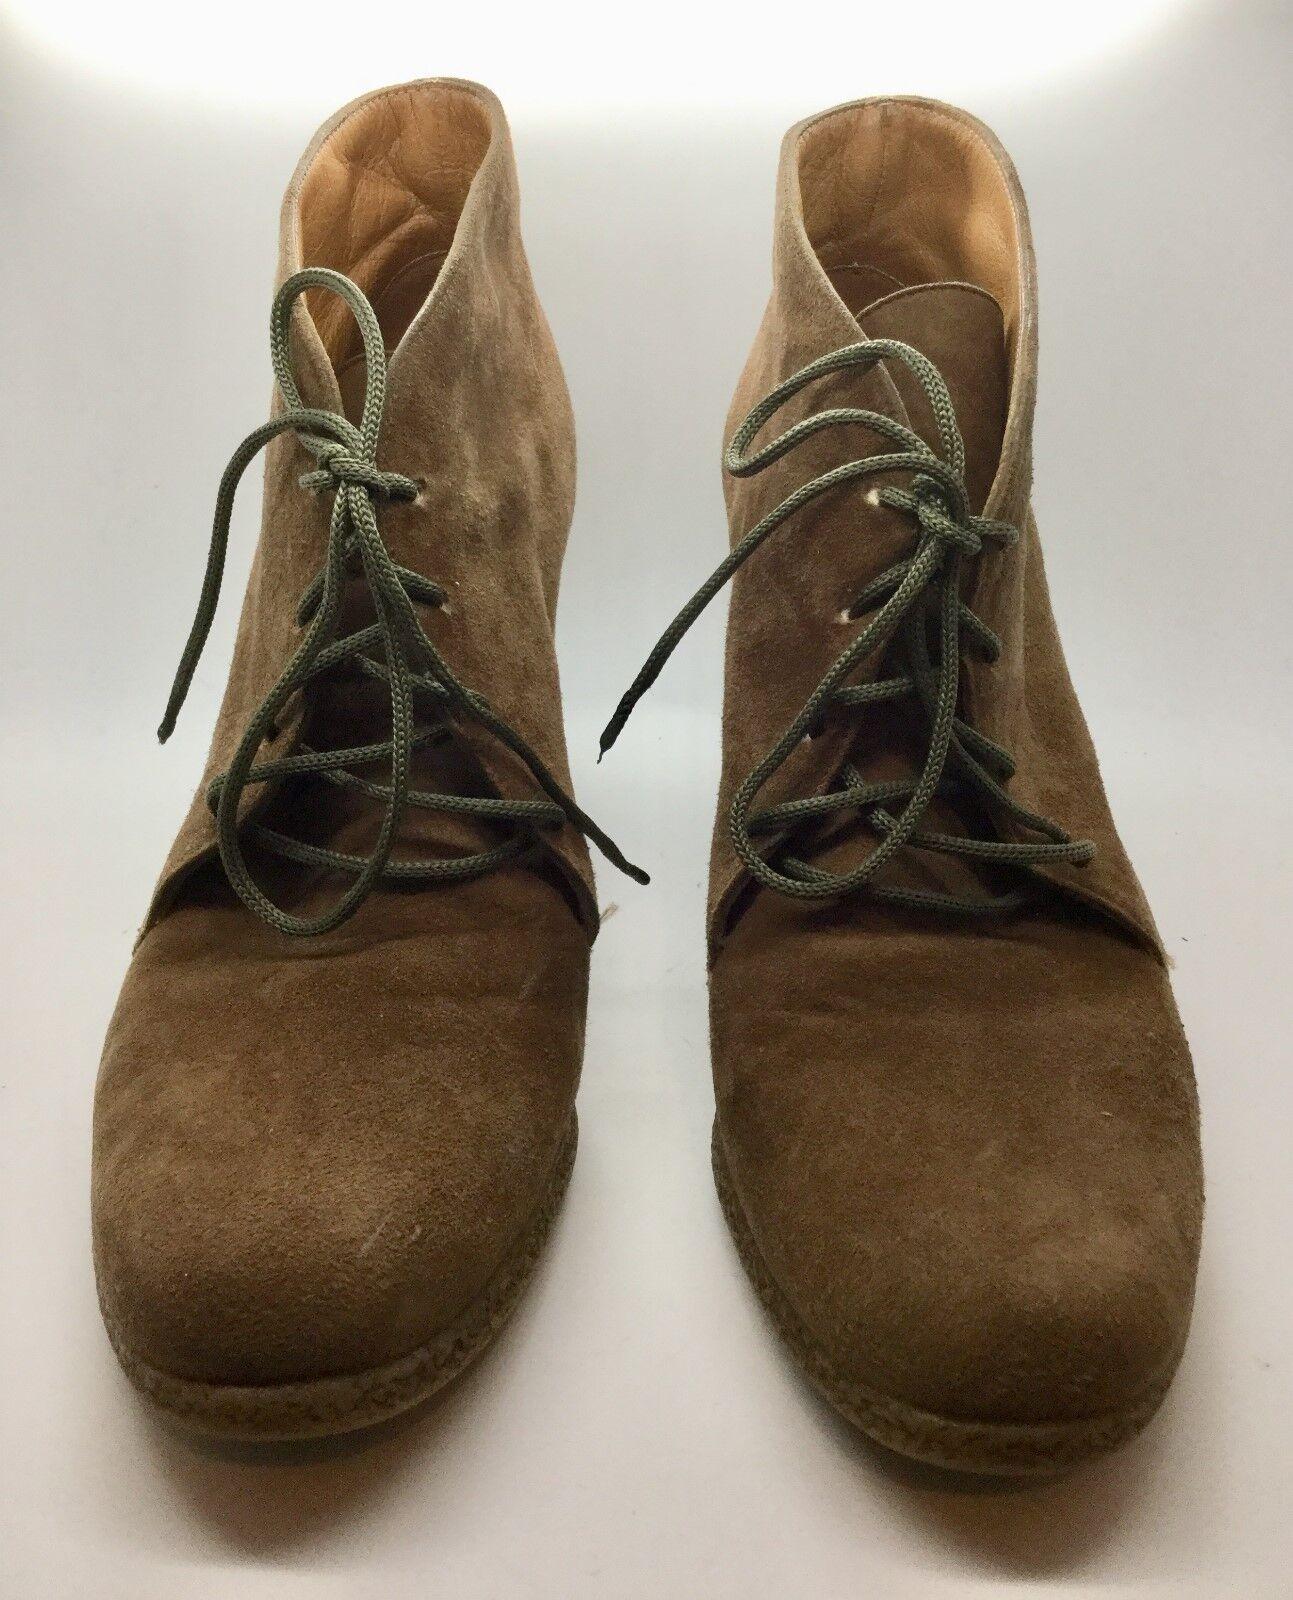 ROSSI &CARUSO Marronee Suede Leather Lace Up  Ankle avvio Dimensione 38  liquidazione fino al 70%